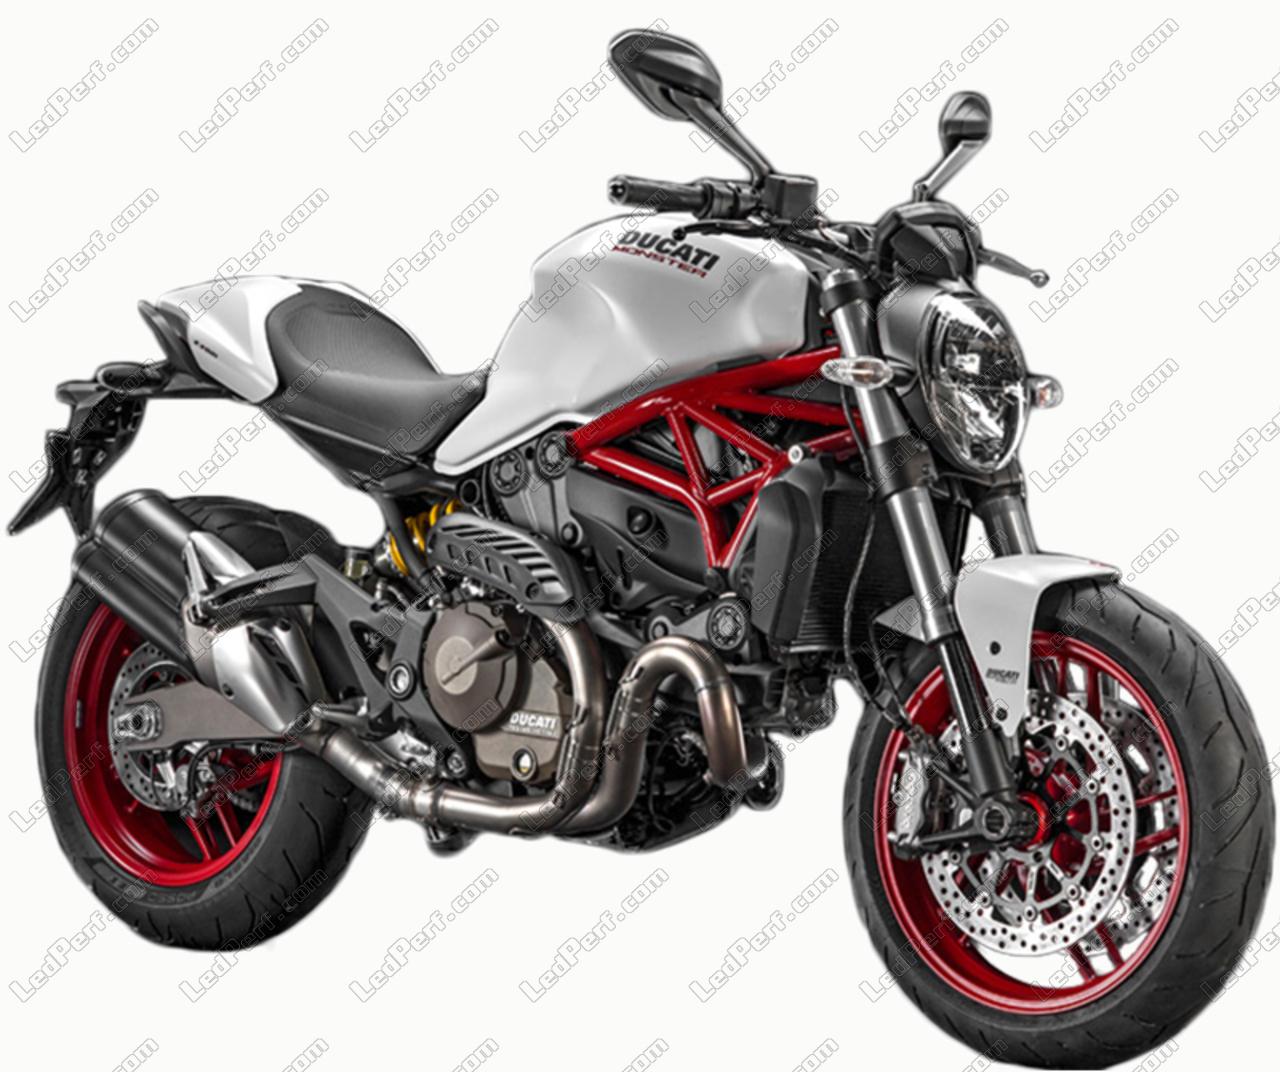 Ducati Monster 821 >> Led Bulb Kit For Ducati Monster 821 Motorcycle